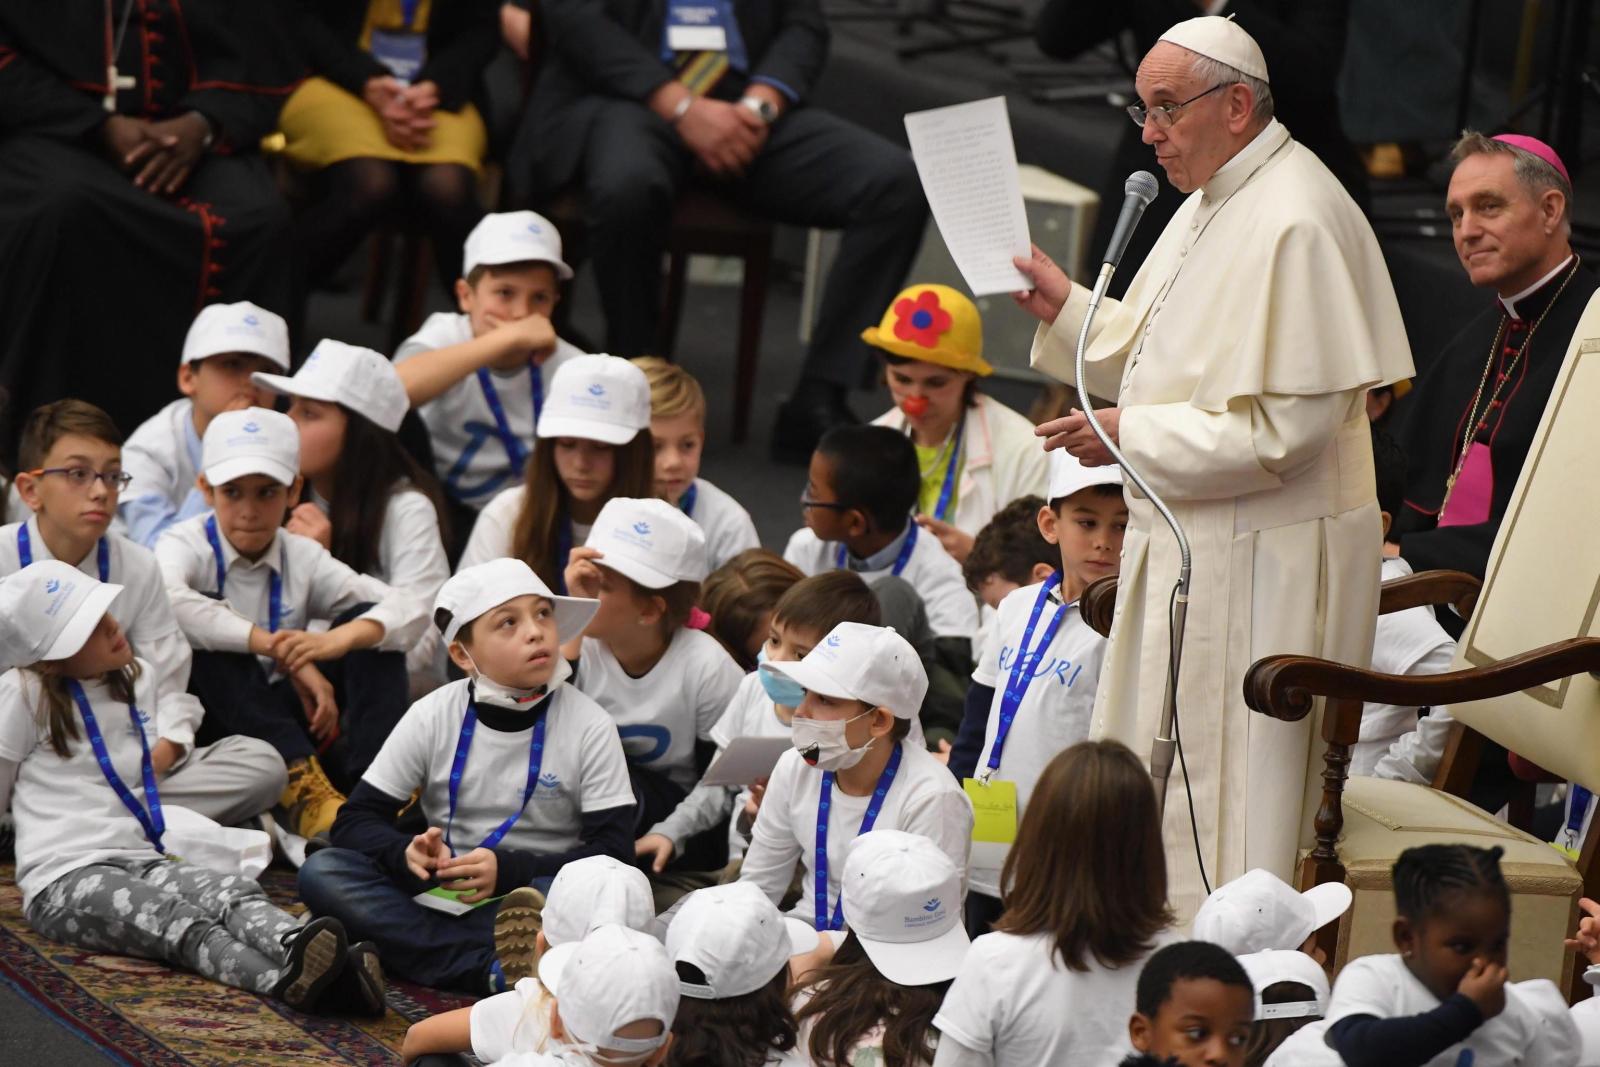 Podczas audiencji papież Franciszek spotkał się z pacjentami i pracownikami szpitala Bambino Gesu w Watykanie. Fot. PAP/EPA/CLAUDIO PERI